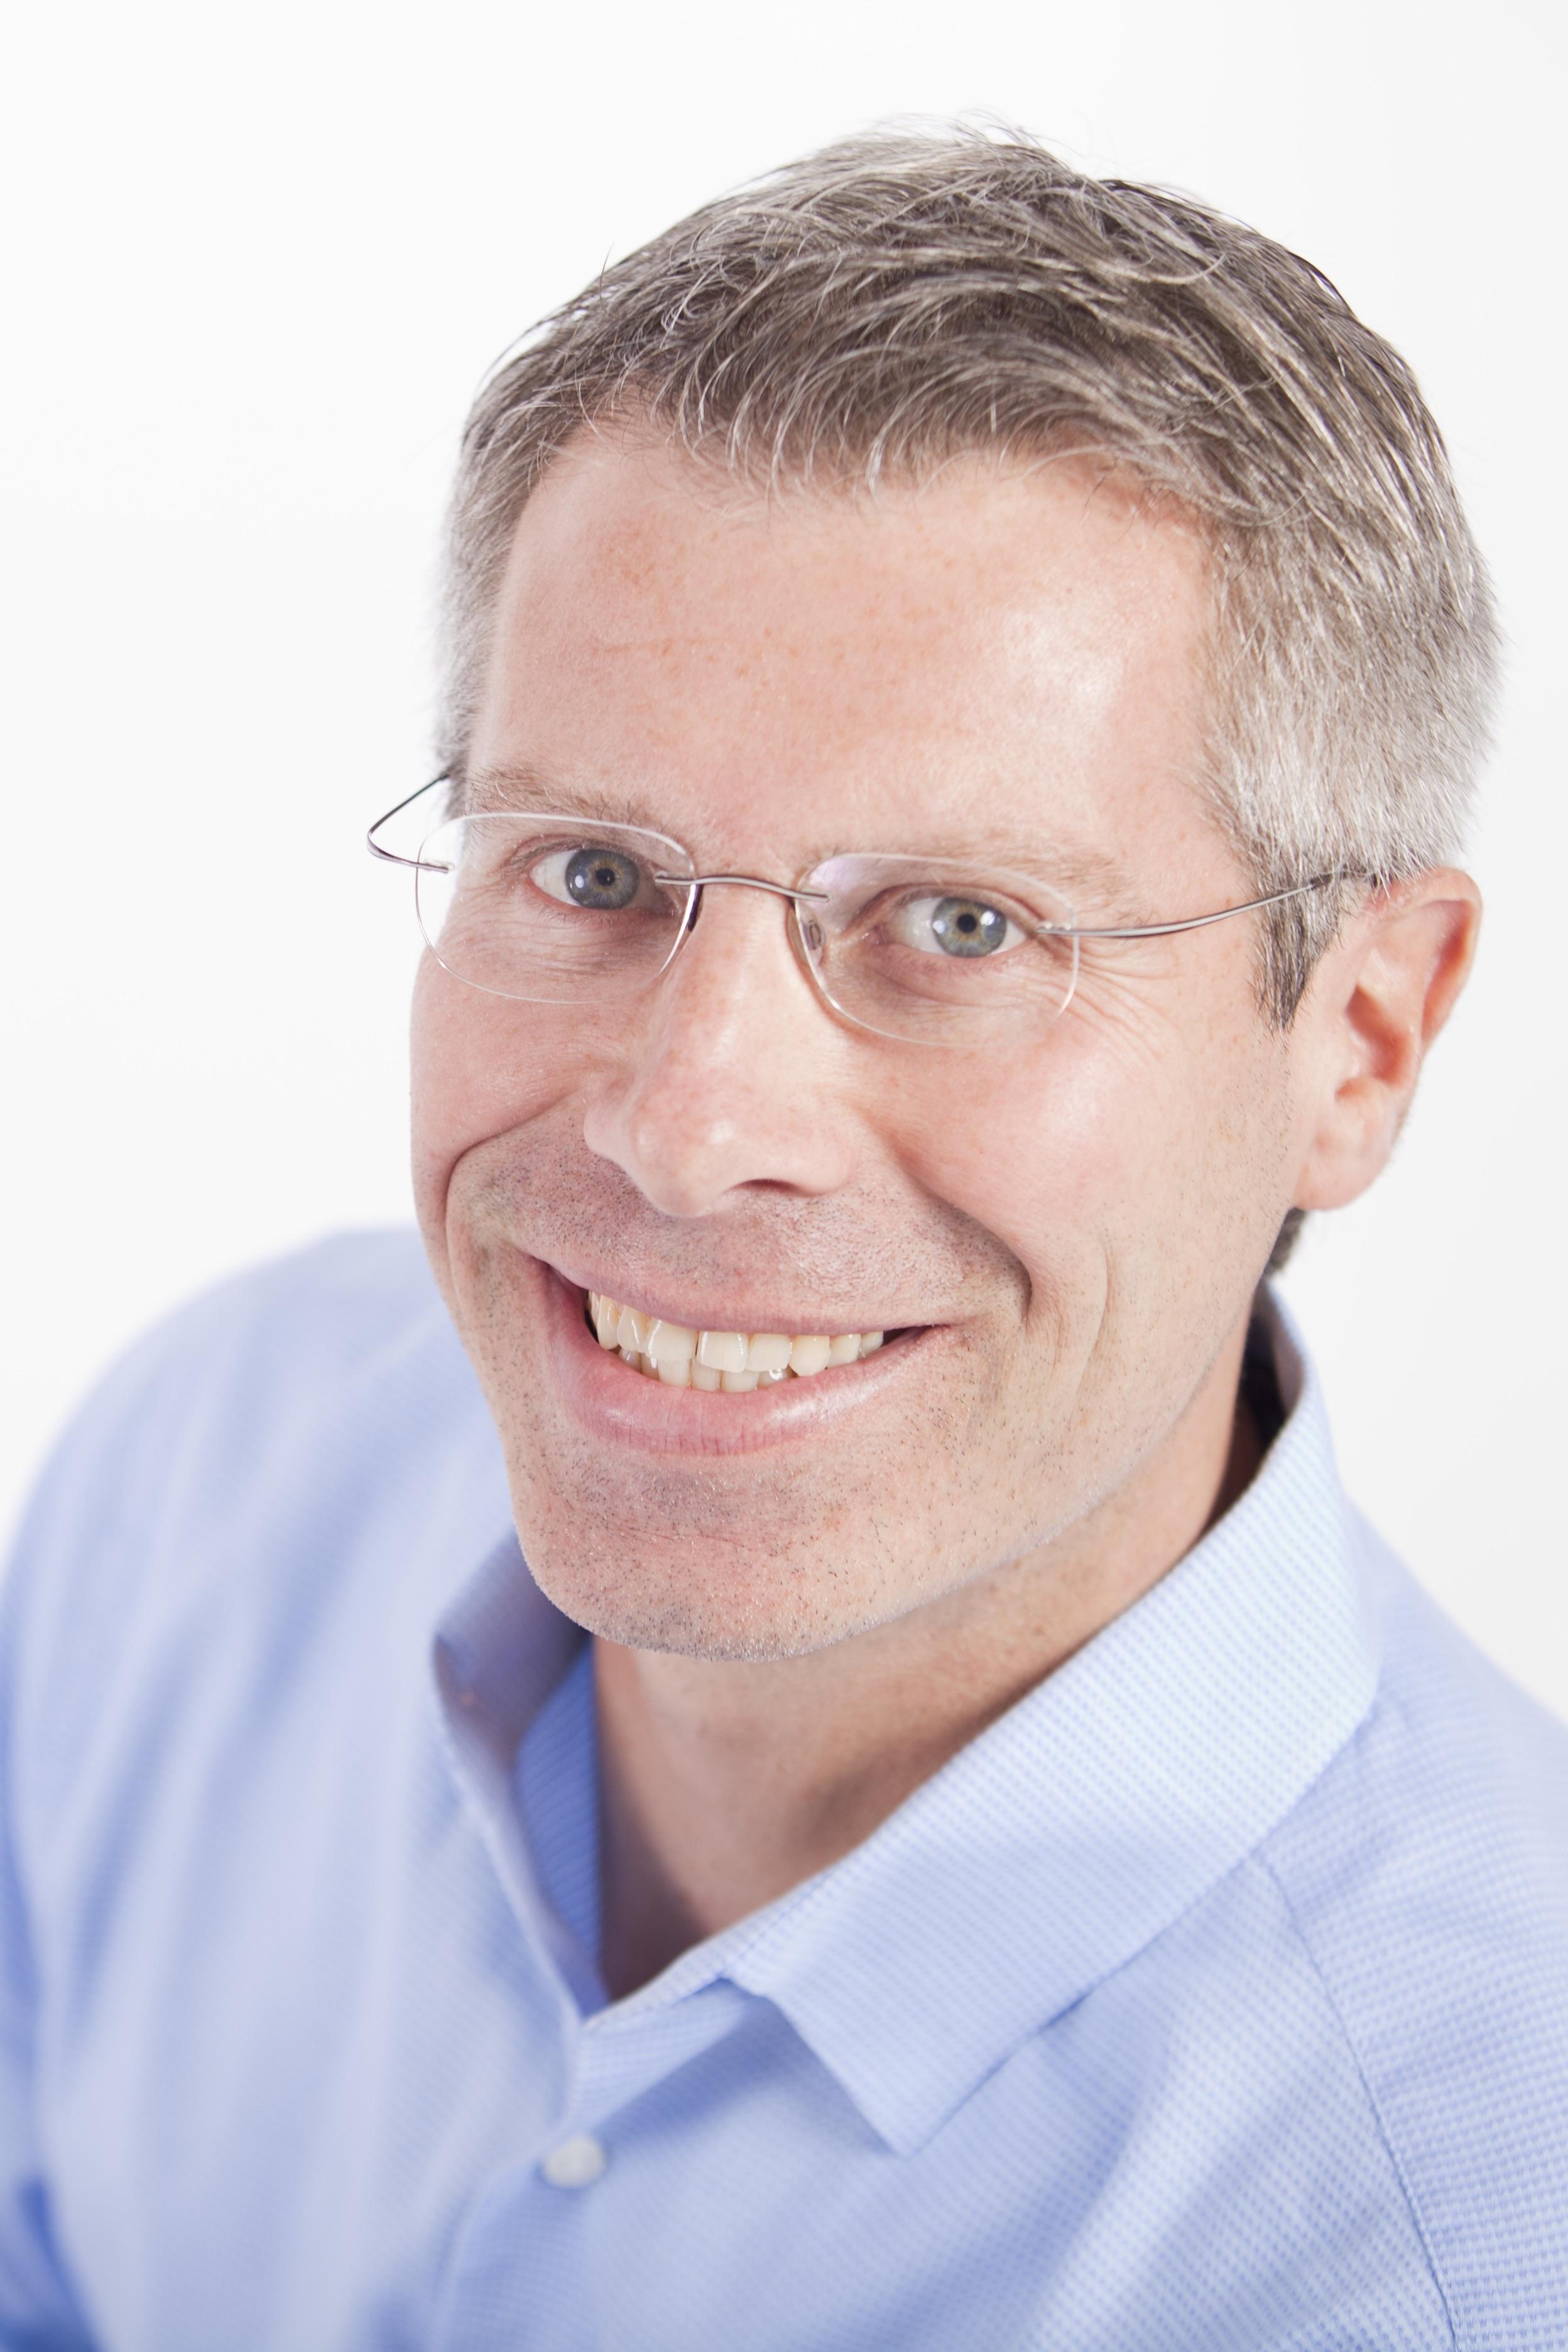 Bernd_Leger_closeup_HR